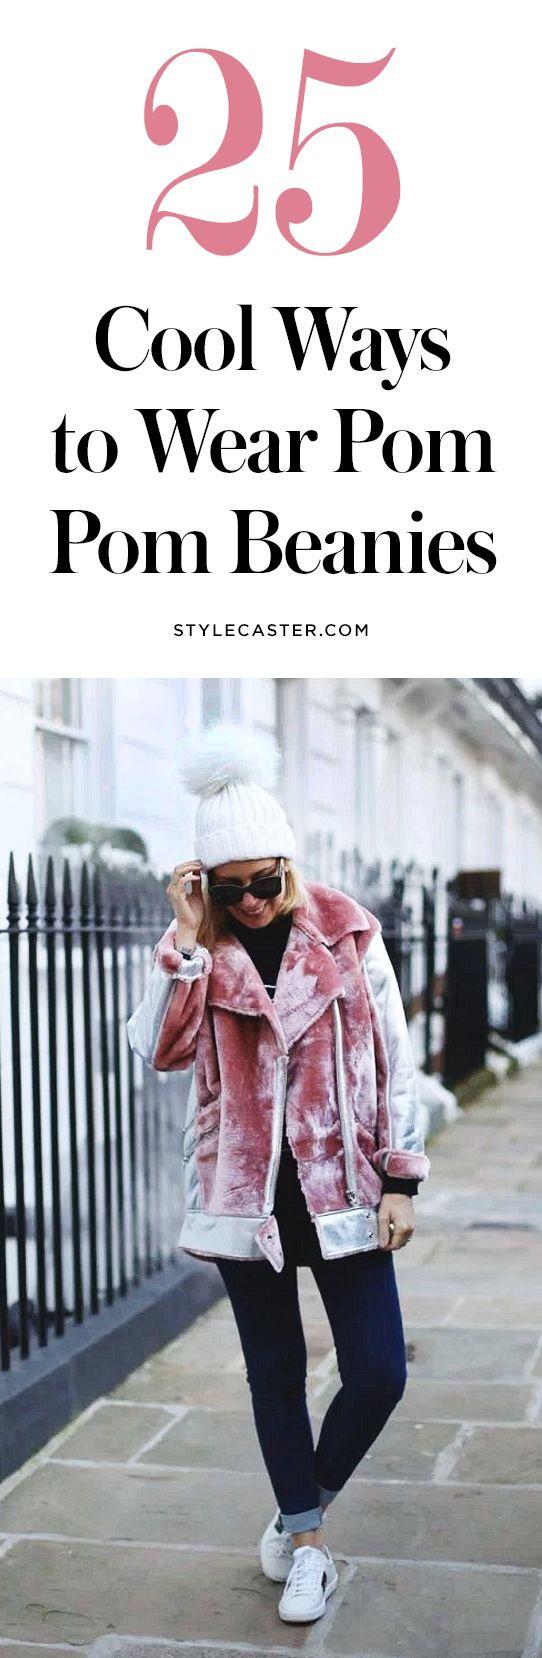 25 cool ways to wear pom pom beanies | @stylecaster | StyleCaster